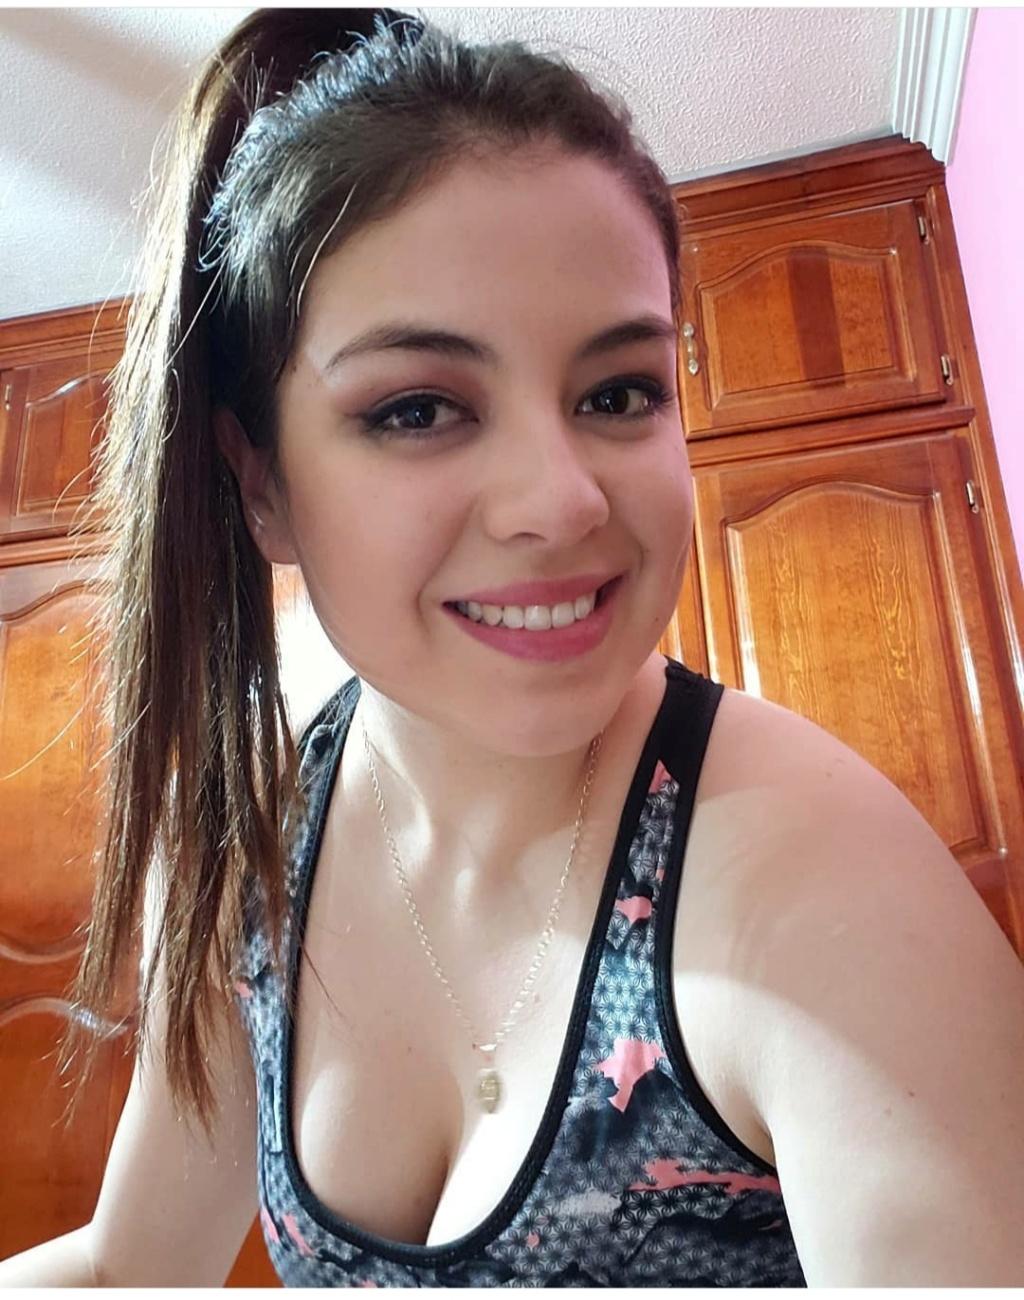 DEBATE sobre belleza, guapura y hermosura (fotos de chicas latinas, mestizas, y de todo) - VOL II - Página 2 Img_1396